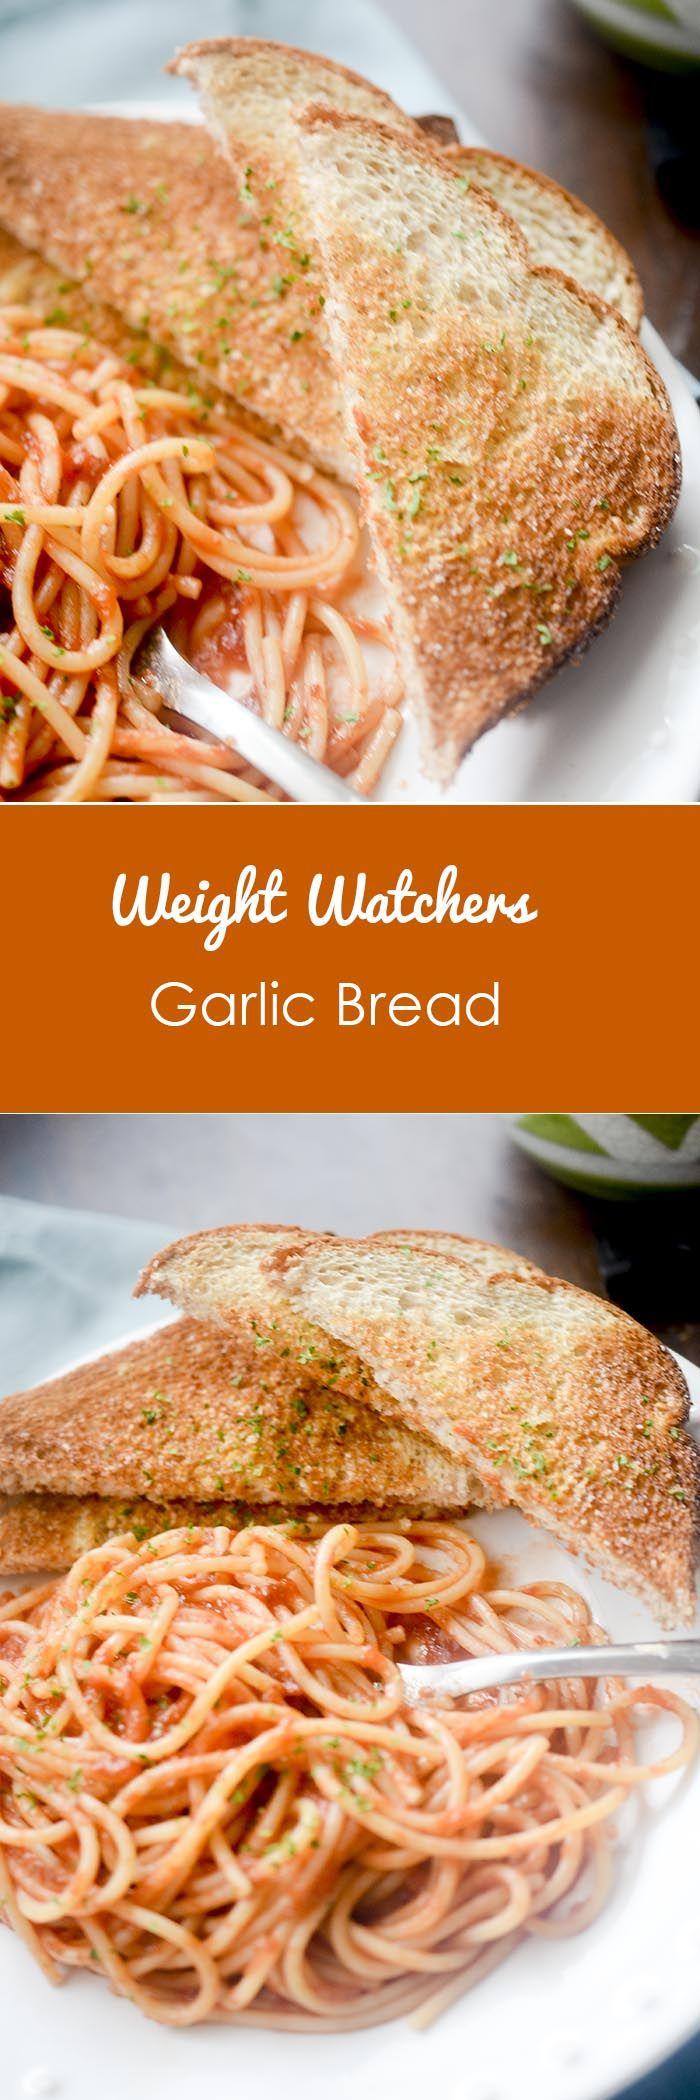 Weight Watchers 1 point Garlic Bread